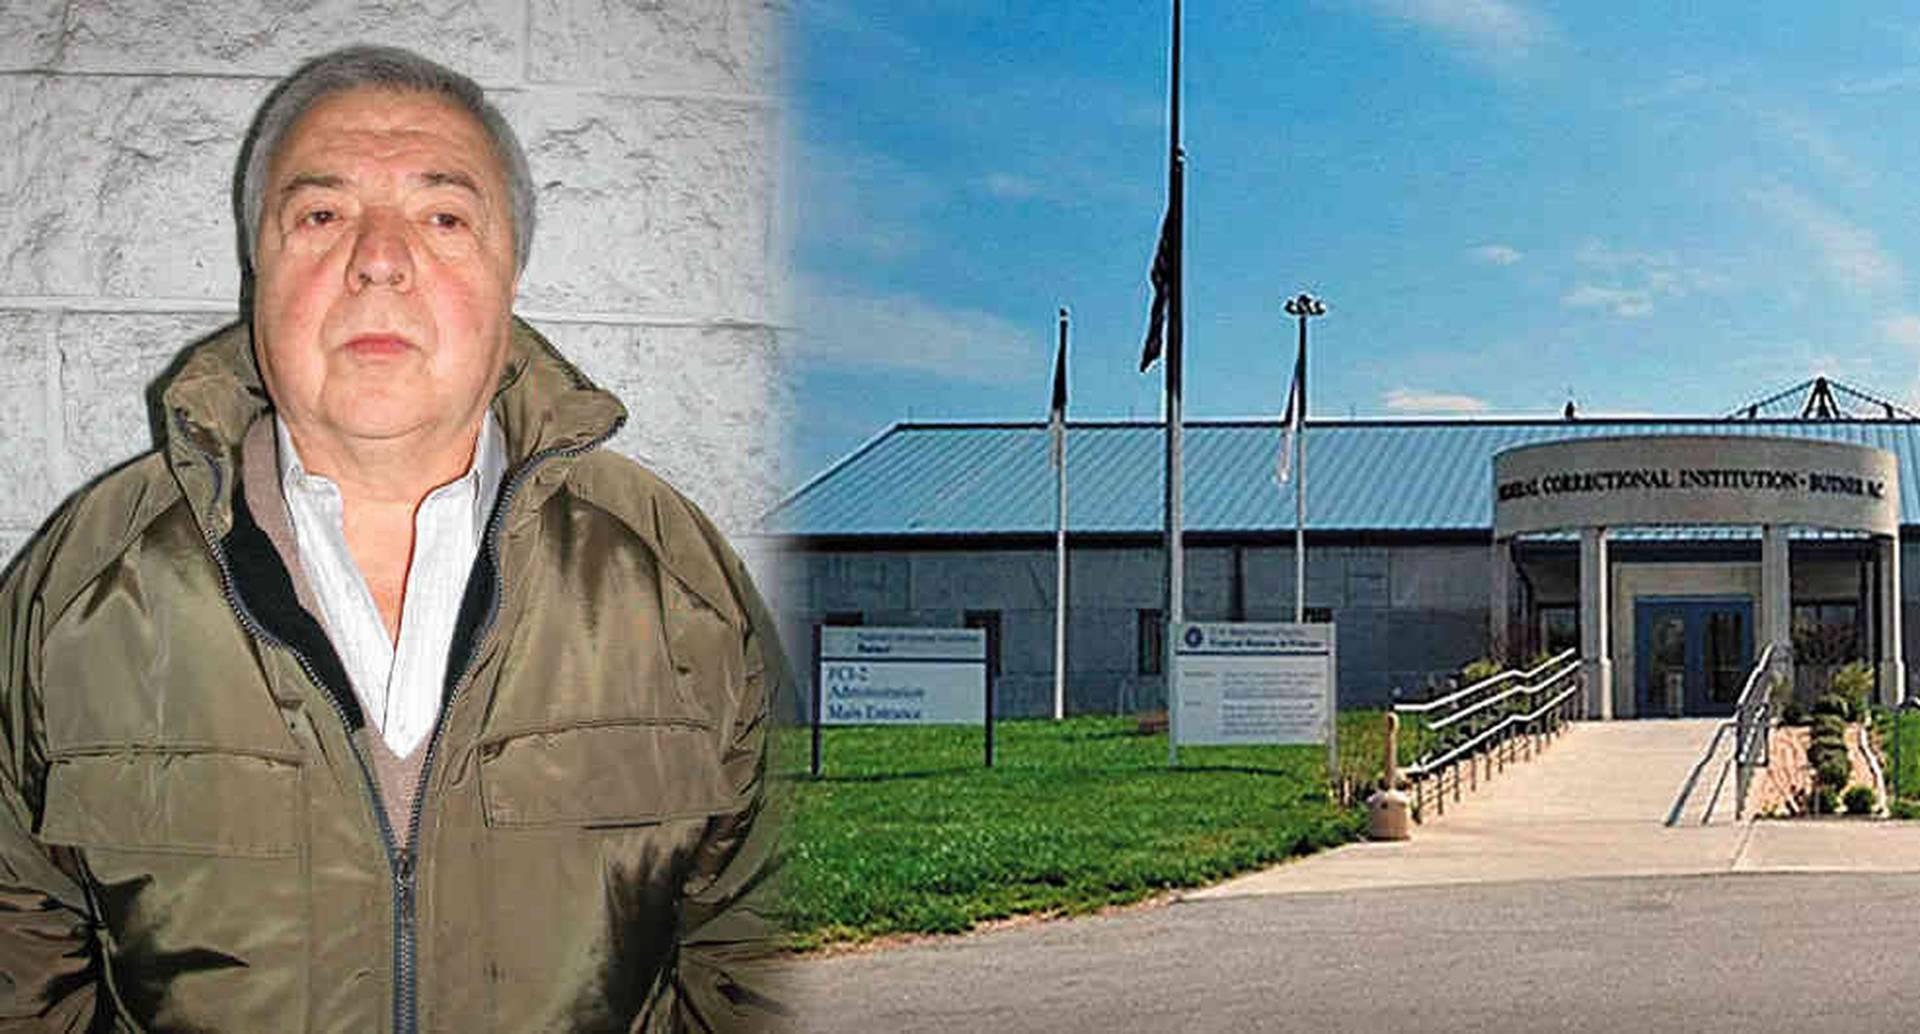 Gilberto Rodríguez Orejuela está preso en Estados Unidos desde 2004 y permanece en la cárcel federal de Butner, en Carolina del Norte. Si cumple toda su condena, recuperaría la libertad a los 95 años, una edad improbable para un hombre que ha sufrido cáncer y otras enfermedades.